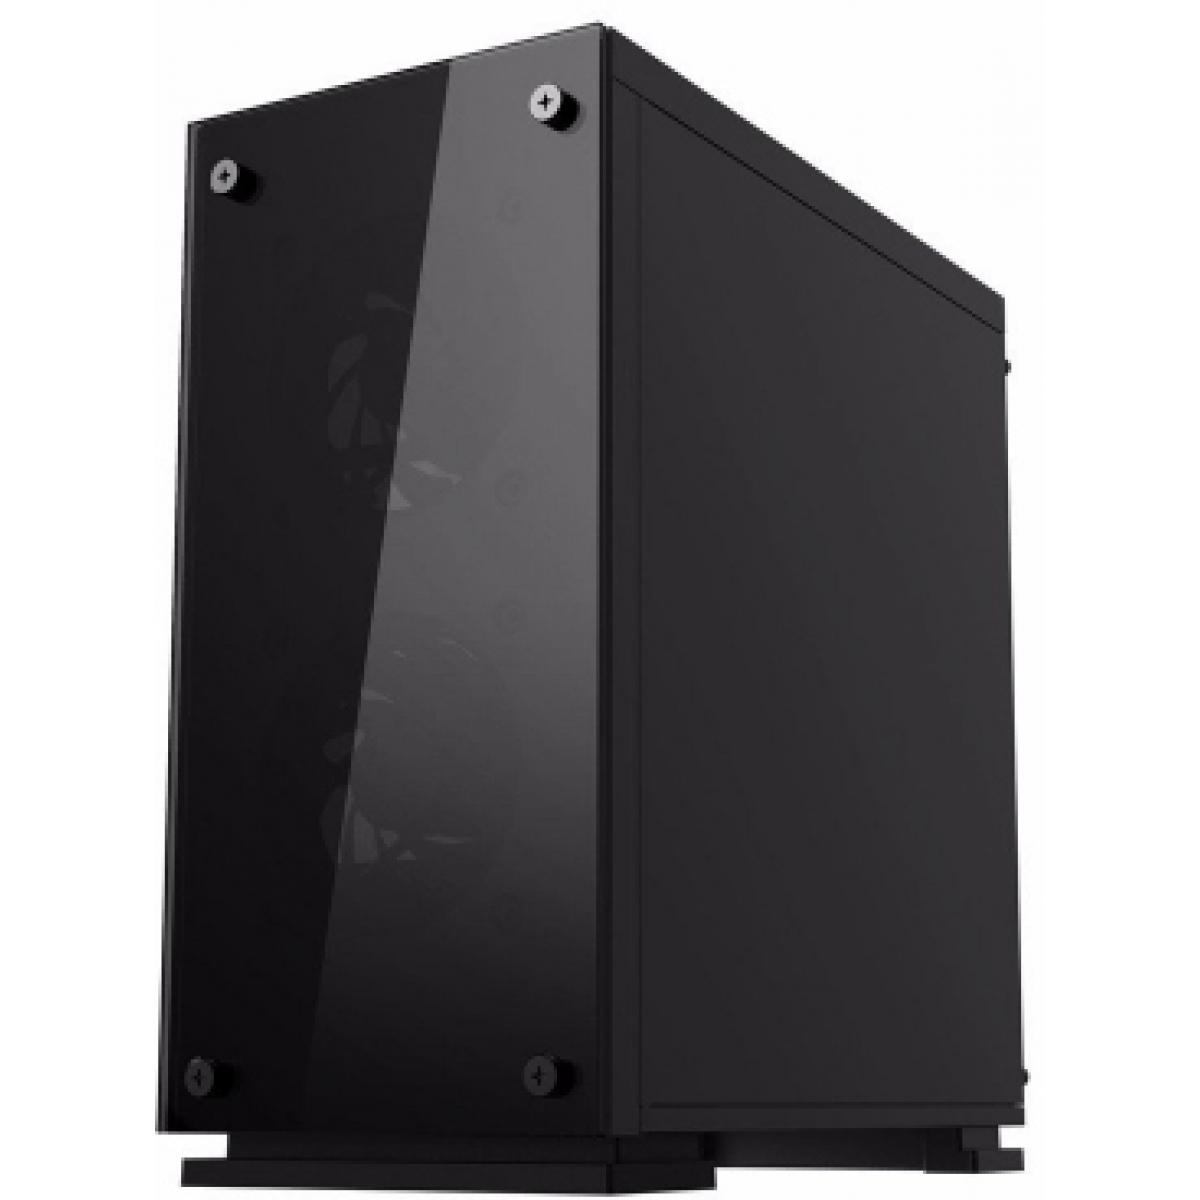 Gabinete Gamer Gamemax, Mid Tower, Vidro temperado, Com 3 Fans RGB, Black, Sem Fonte, H605-TA